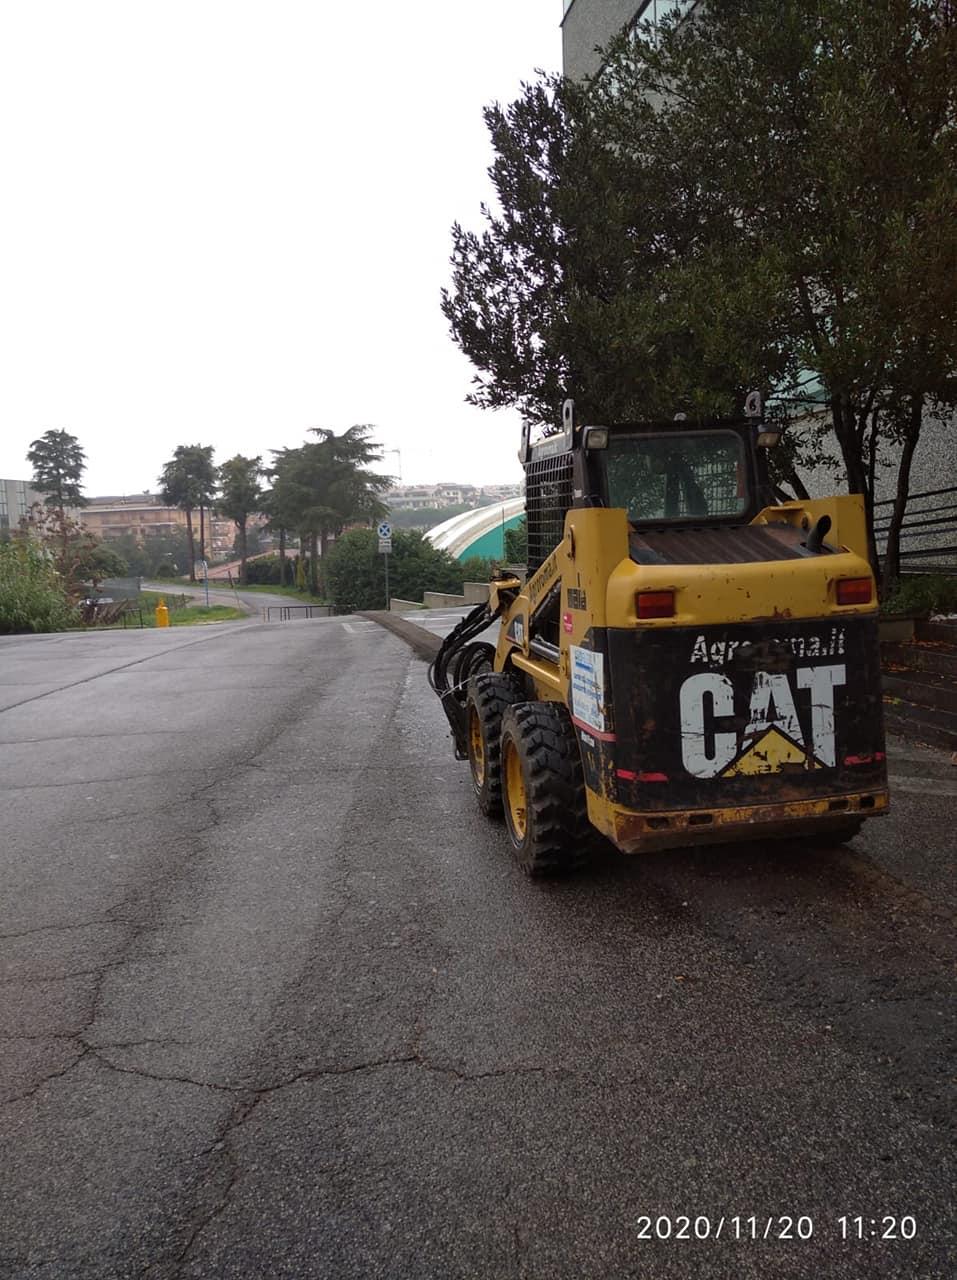 Colleferro, al via i lavori su Via Carpinetana. Le dichiarazioni del Sindaco